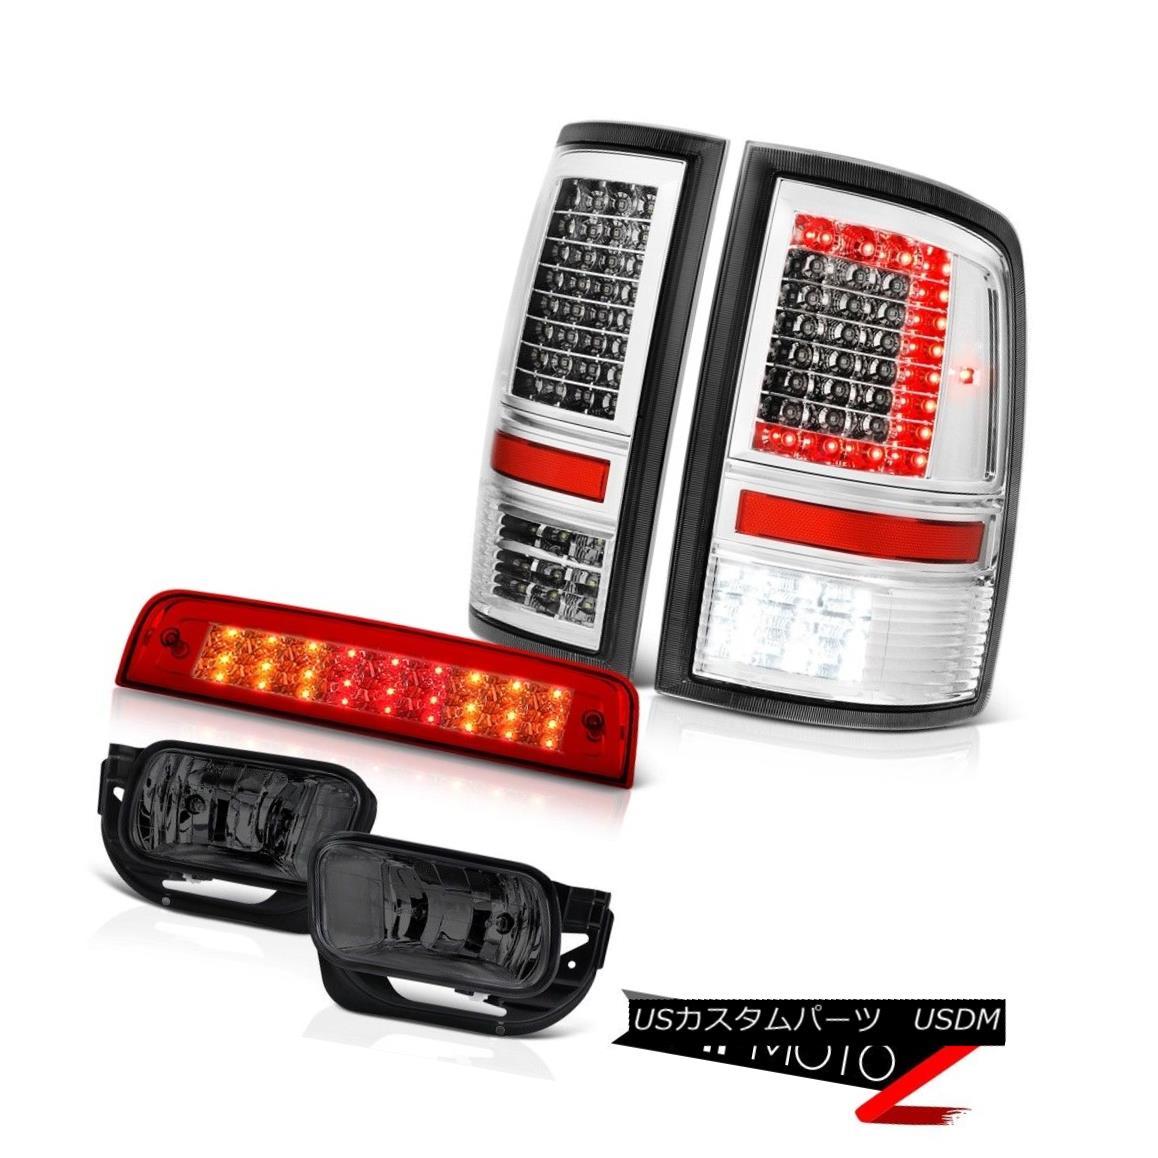 <title>車用品 バイク用品 >> パーツ 超定番 ライト ランプ テールライト 09-13 Dodge RAM 1500 2500 Tail Lamp Red Clear Brake Light Smoked Fog Lights PAIR 09-13ダッジRAM 2500テールランプレッドクリアブレーキライトスモークフォグライトペア</title>